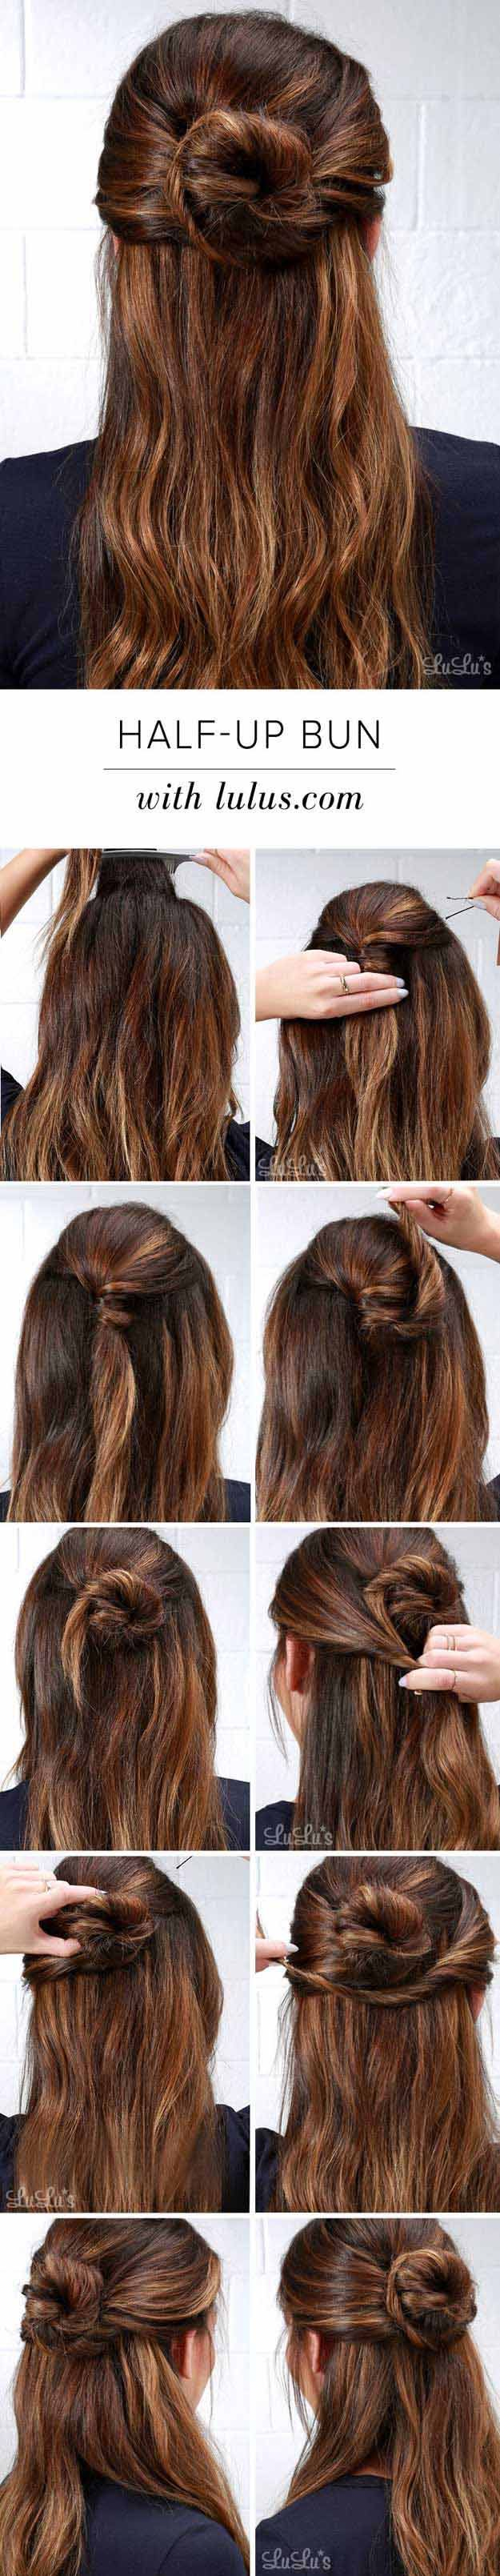 How i style my short hair bun hair tutorials bun hair and updo